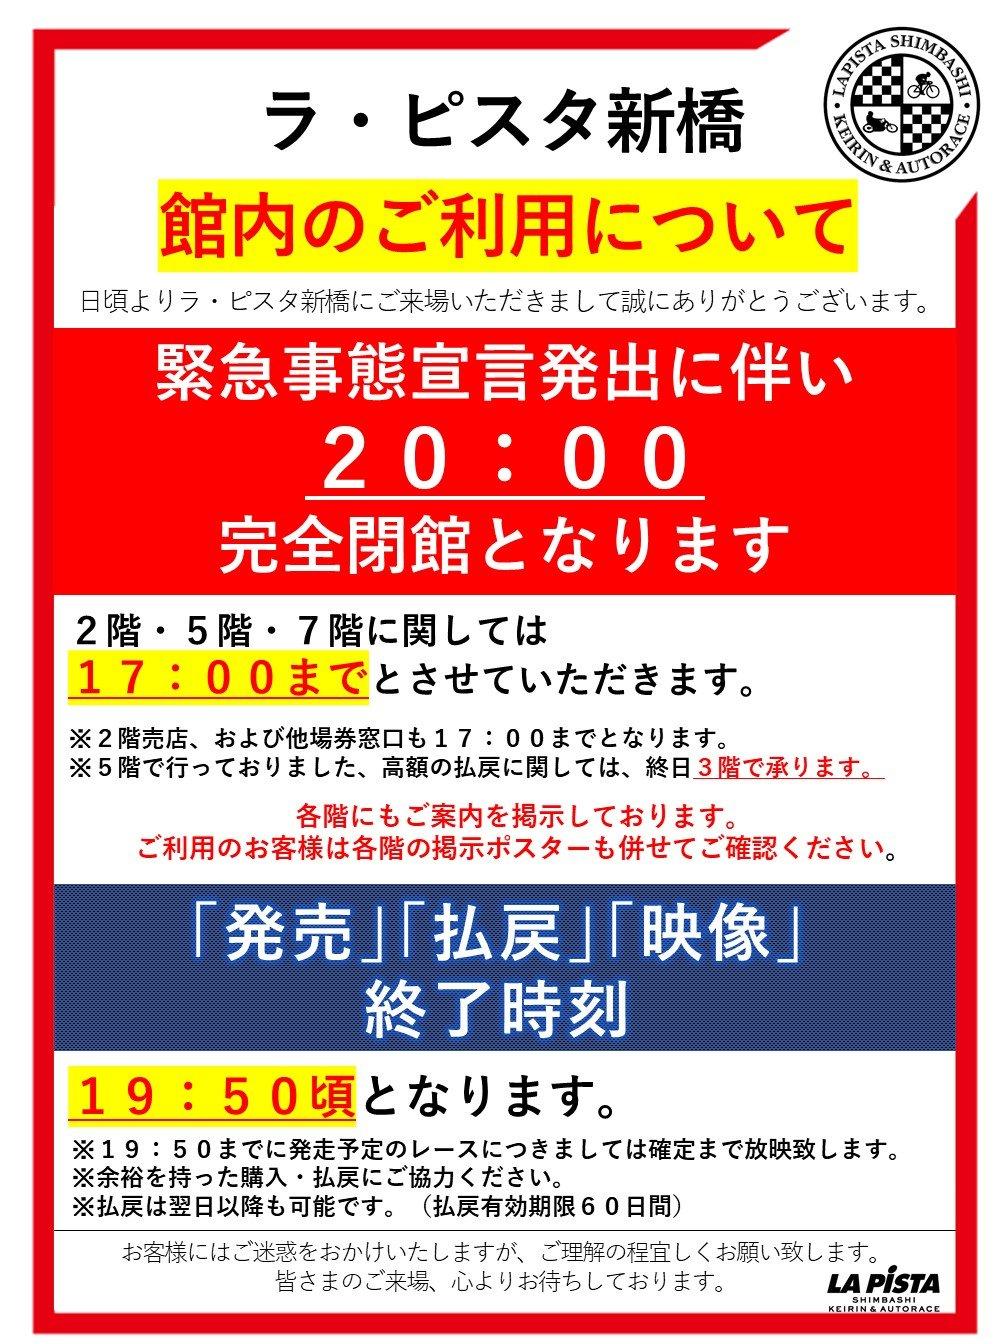 緊急事態宣言対応ポスター (1).jpg